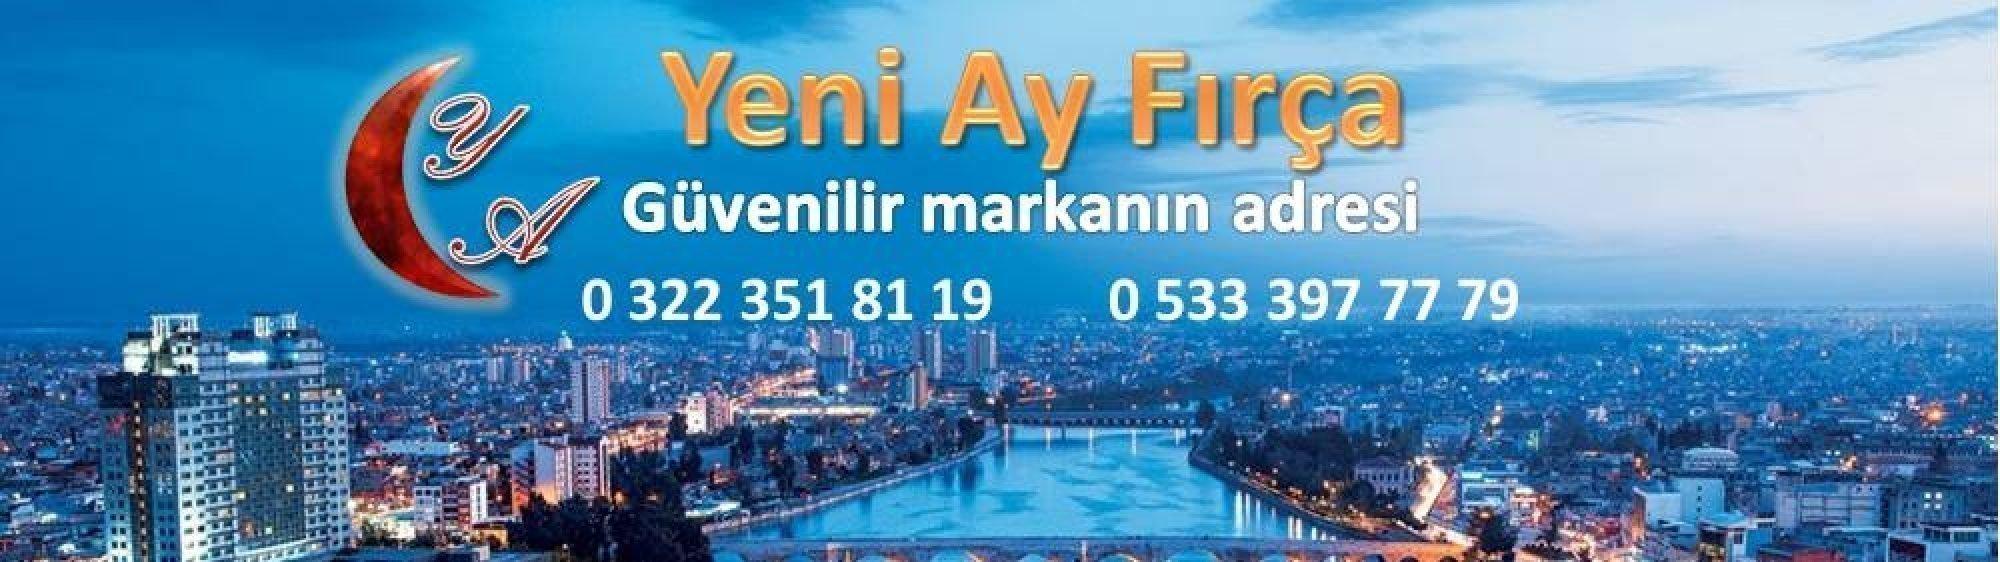 Yeniay Fırça Adana